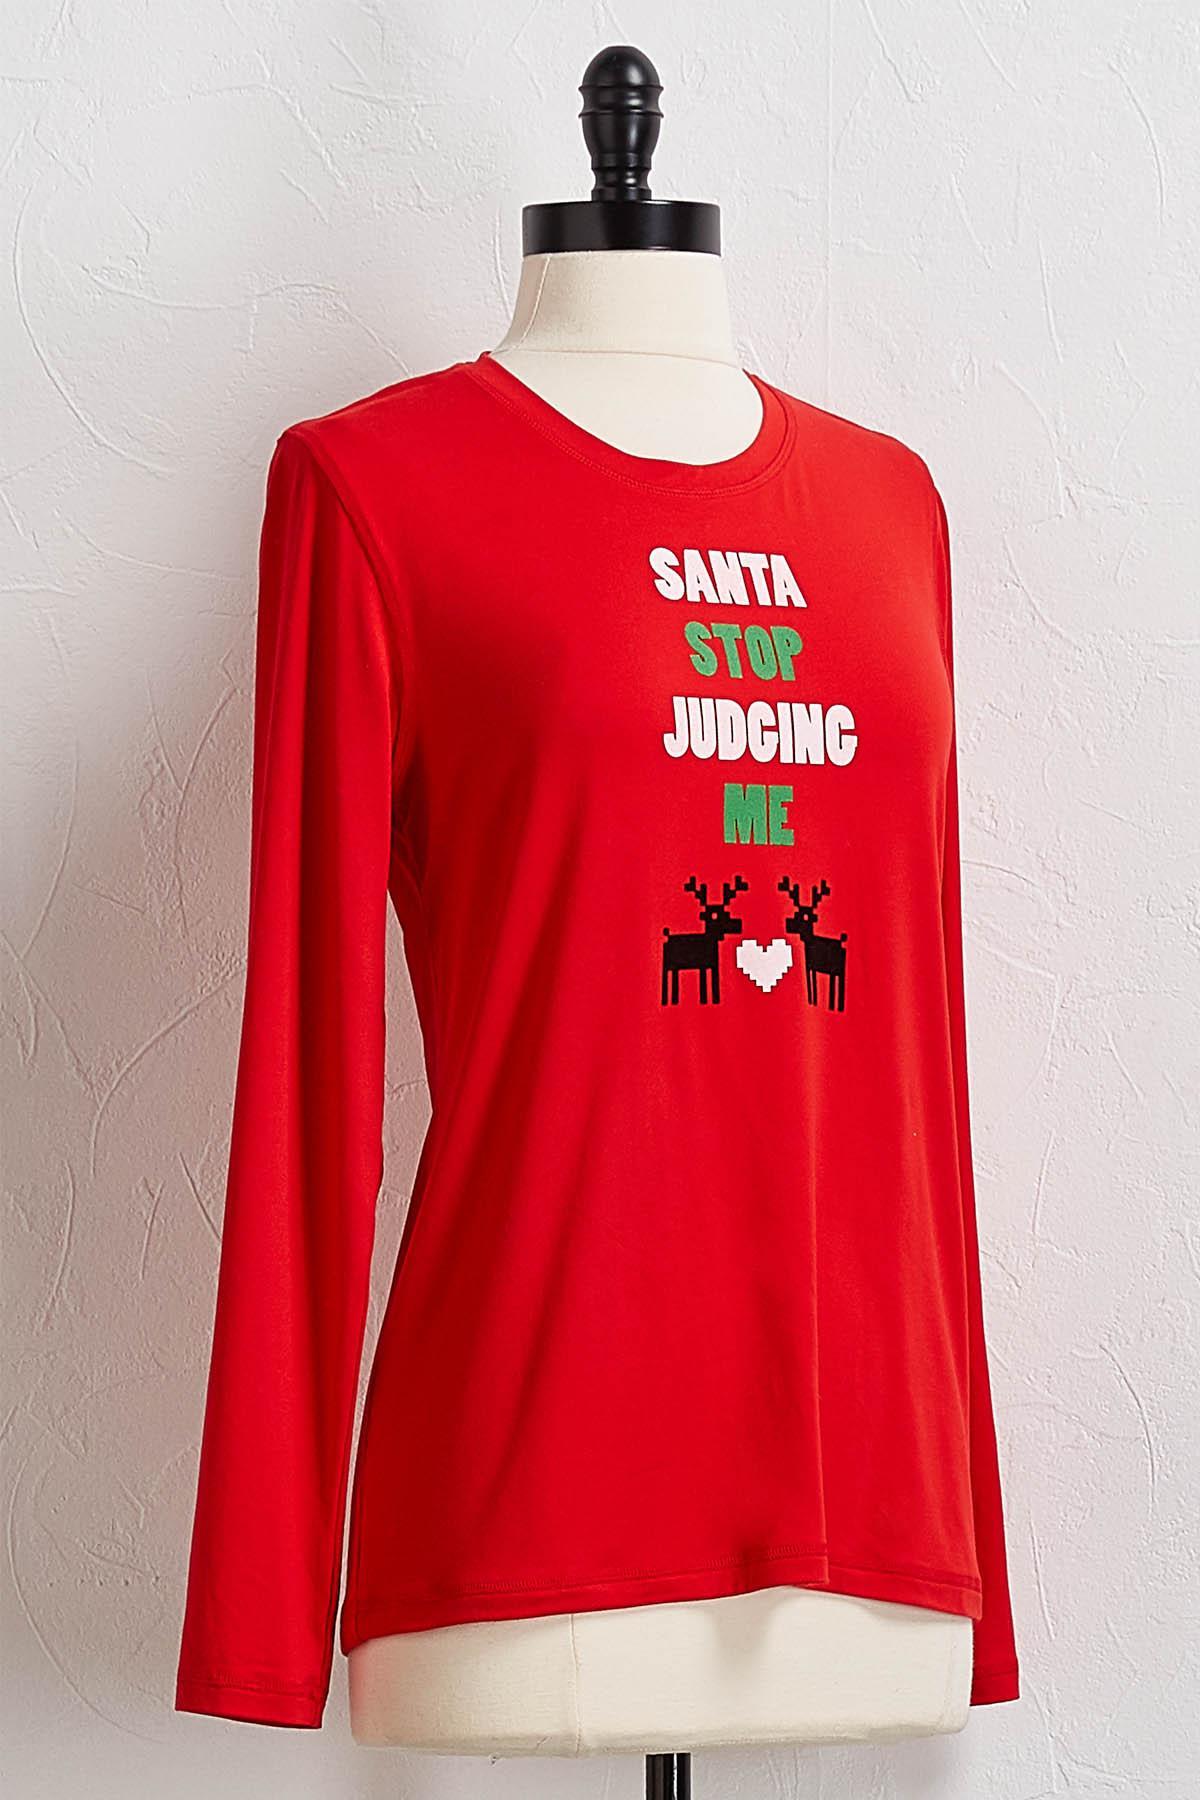 Santa Stop Judging Me Tee